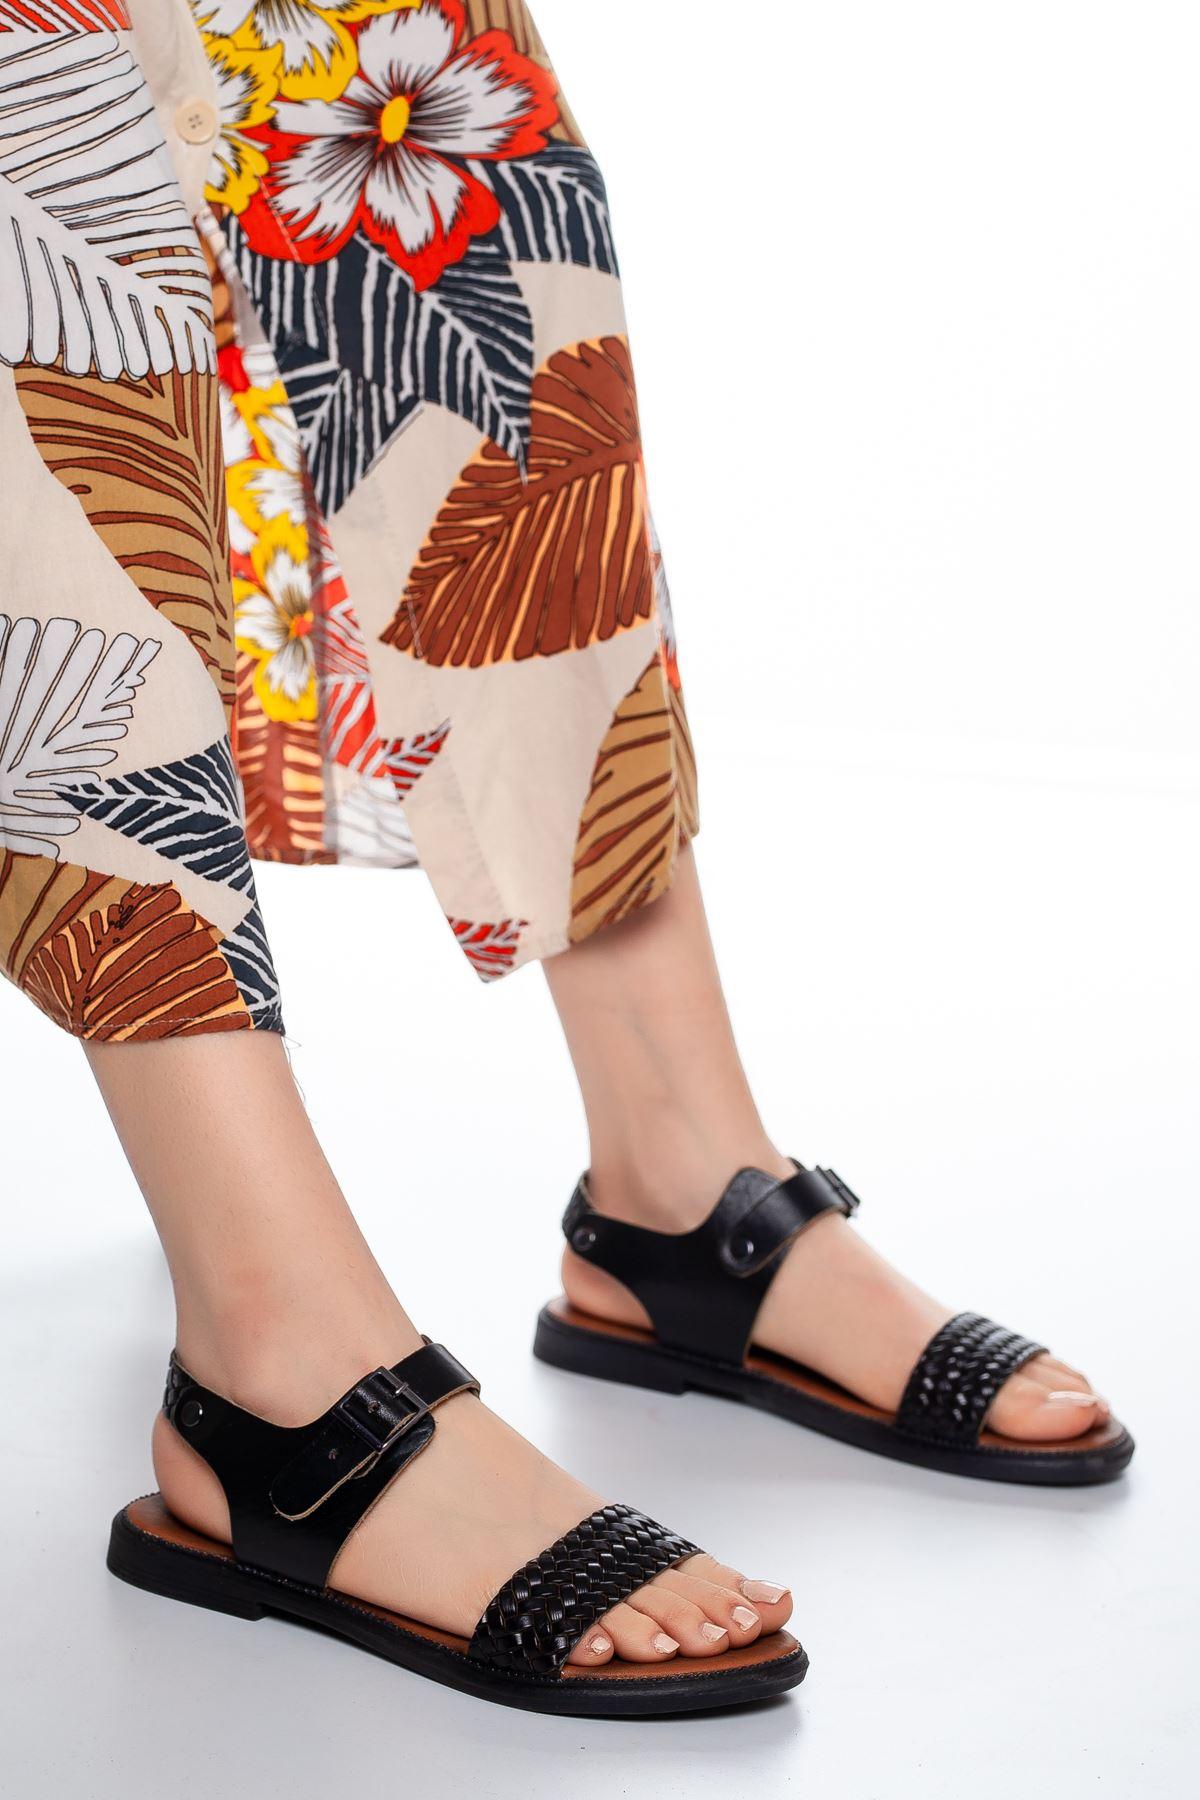 Rowen Sandalet Siyah